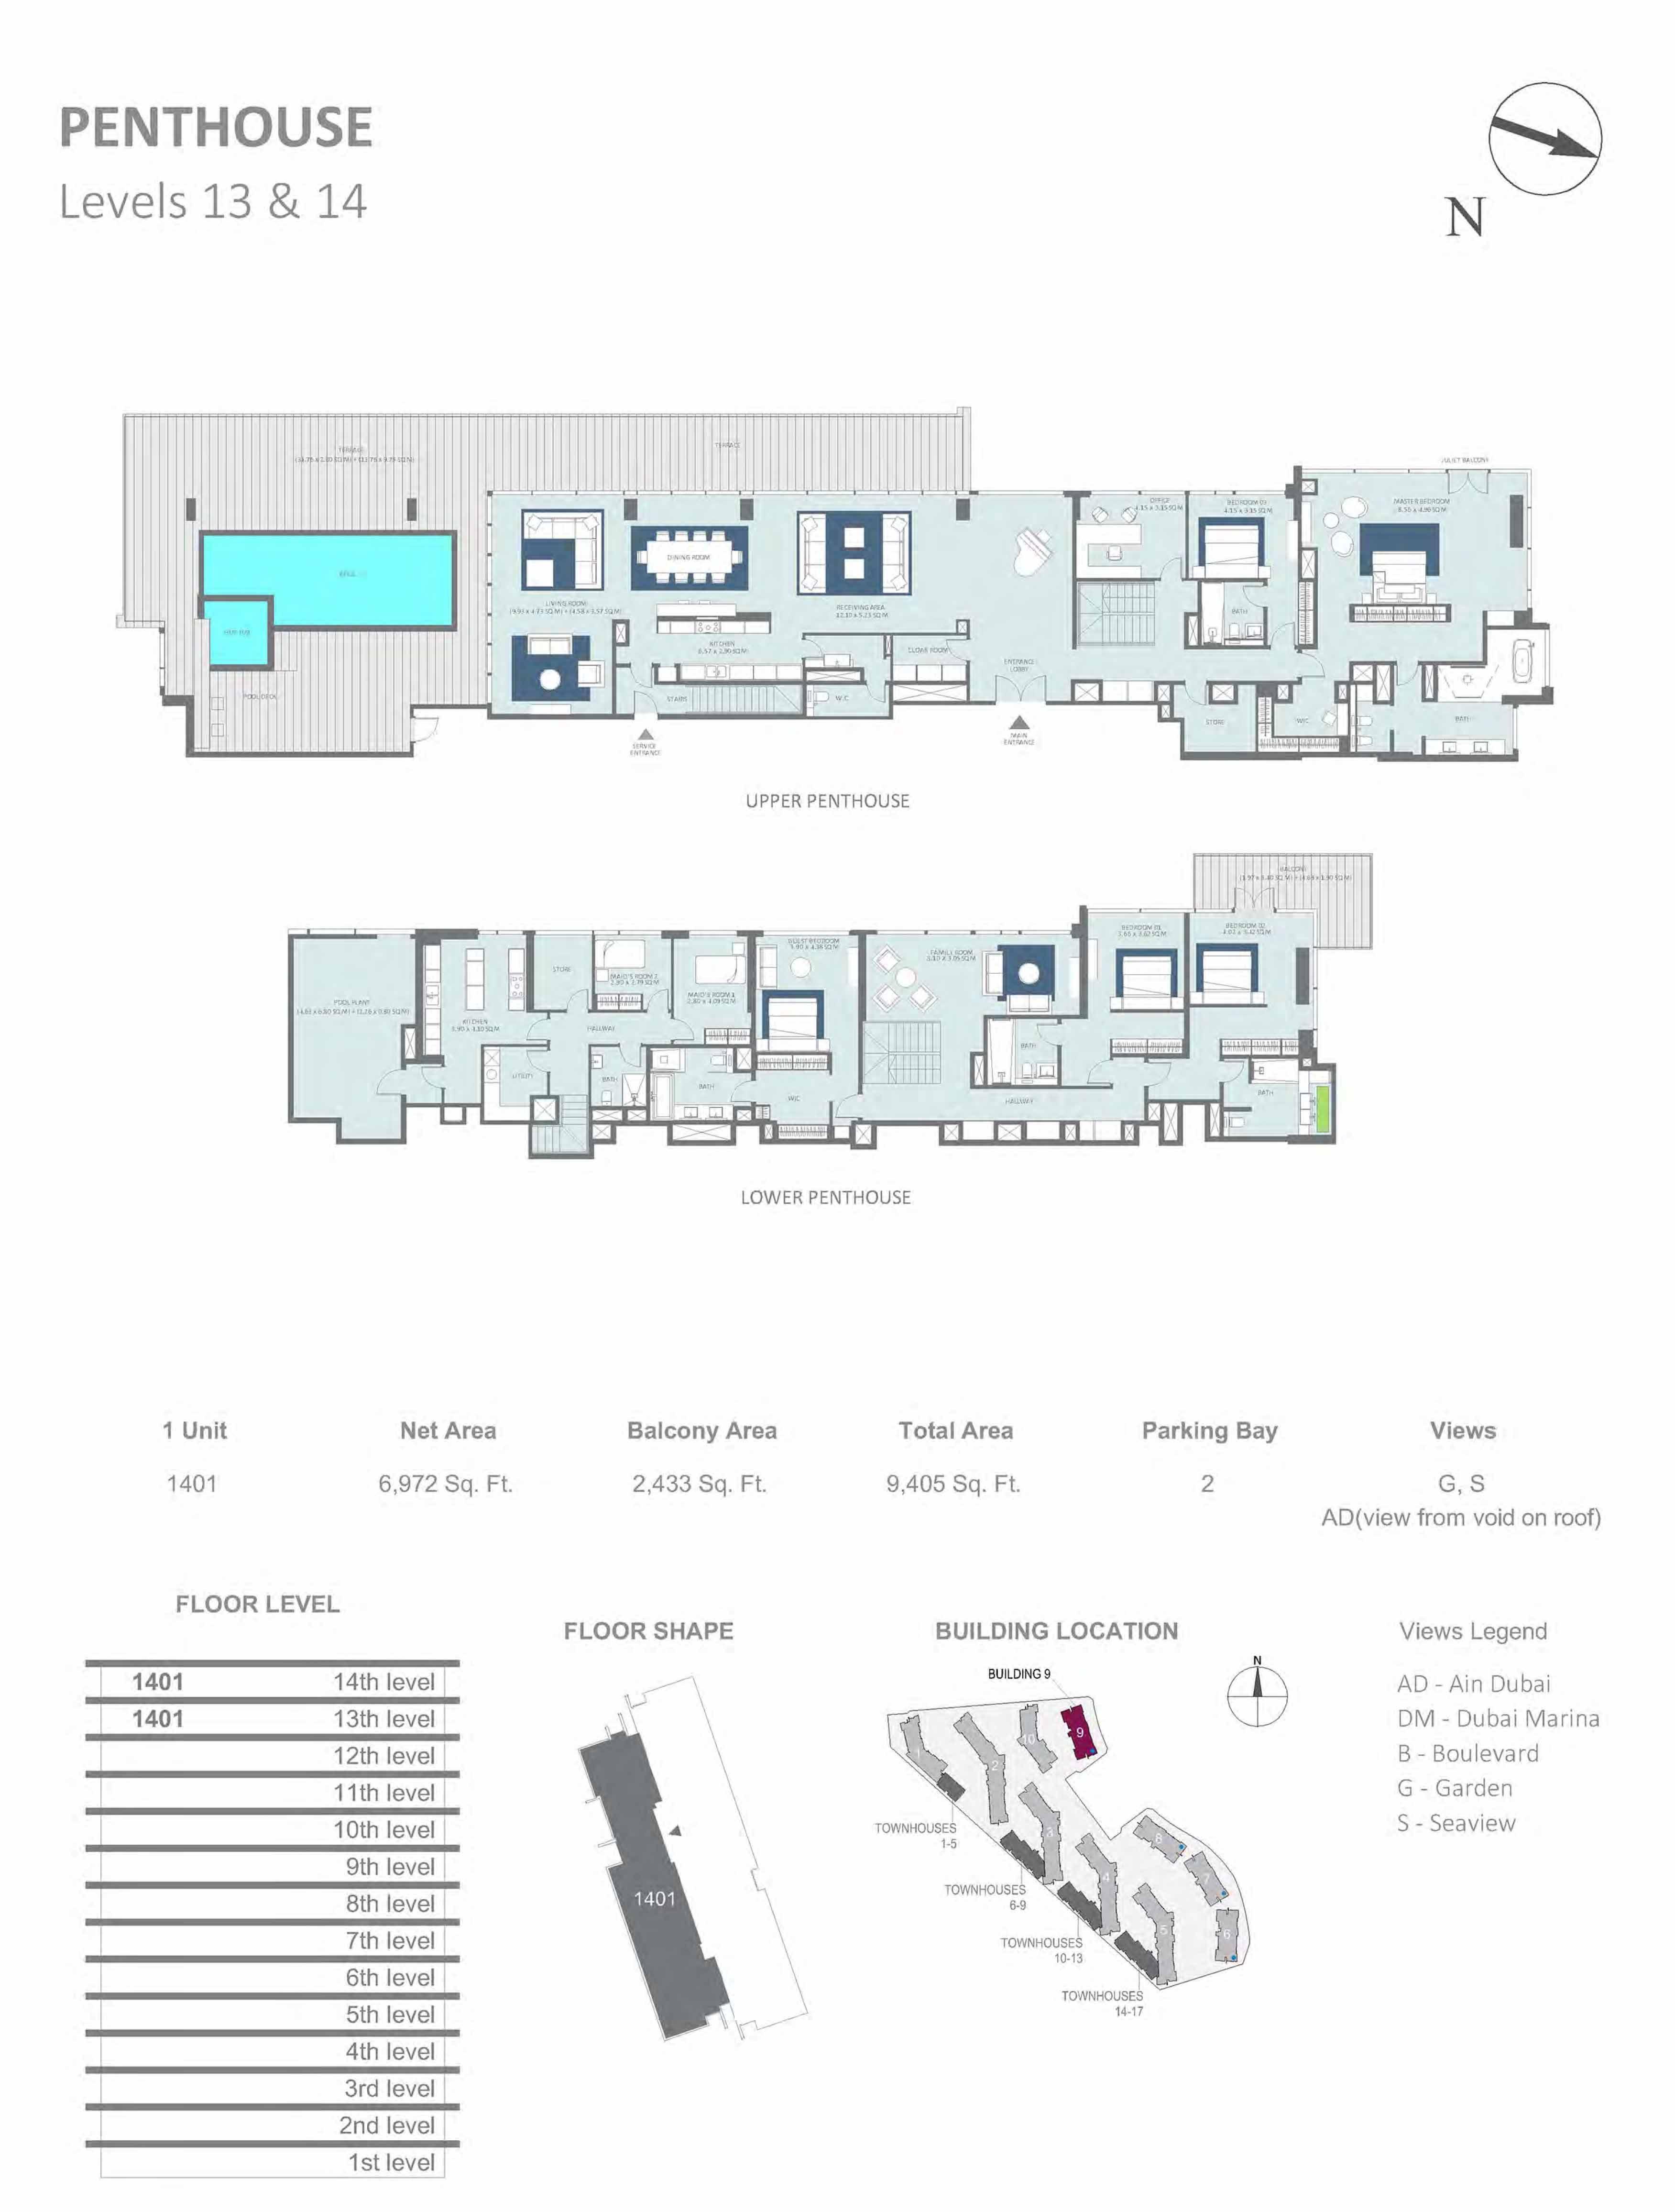 Building 9 - Penthouse, Level 13 & 14 Size 9405  sq. ft.